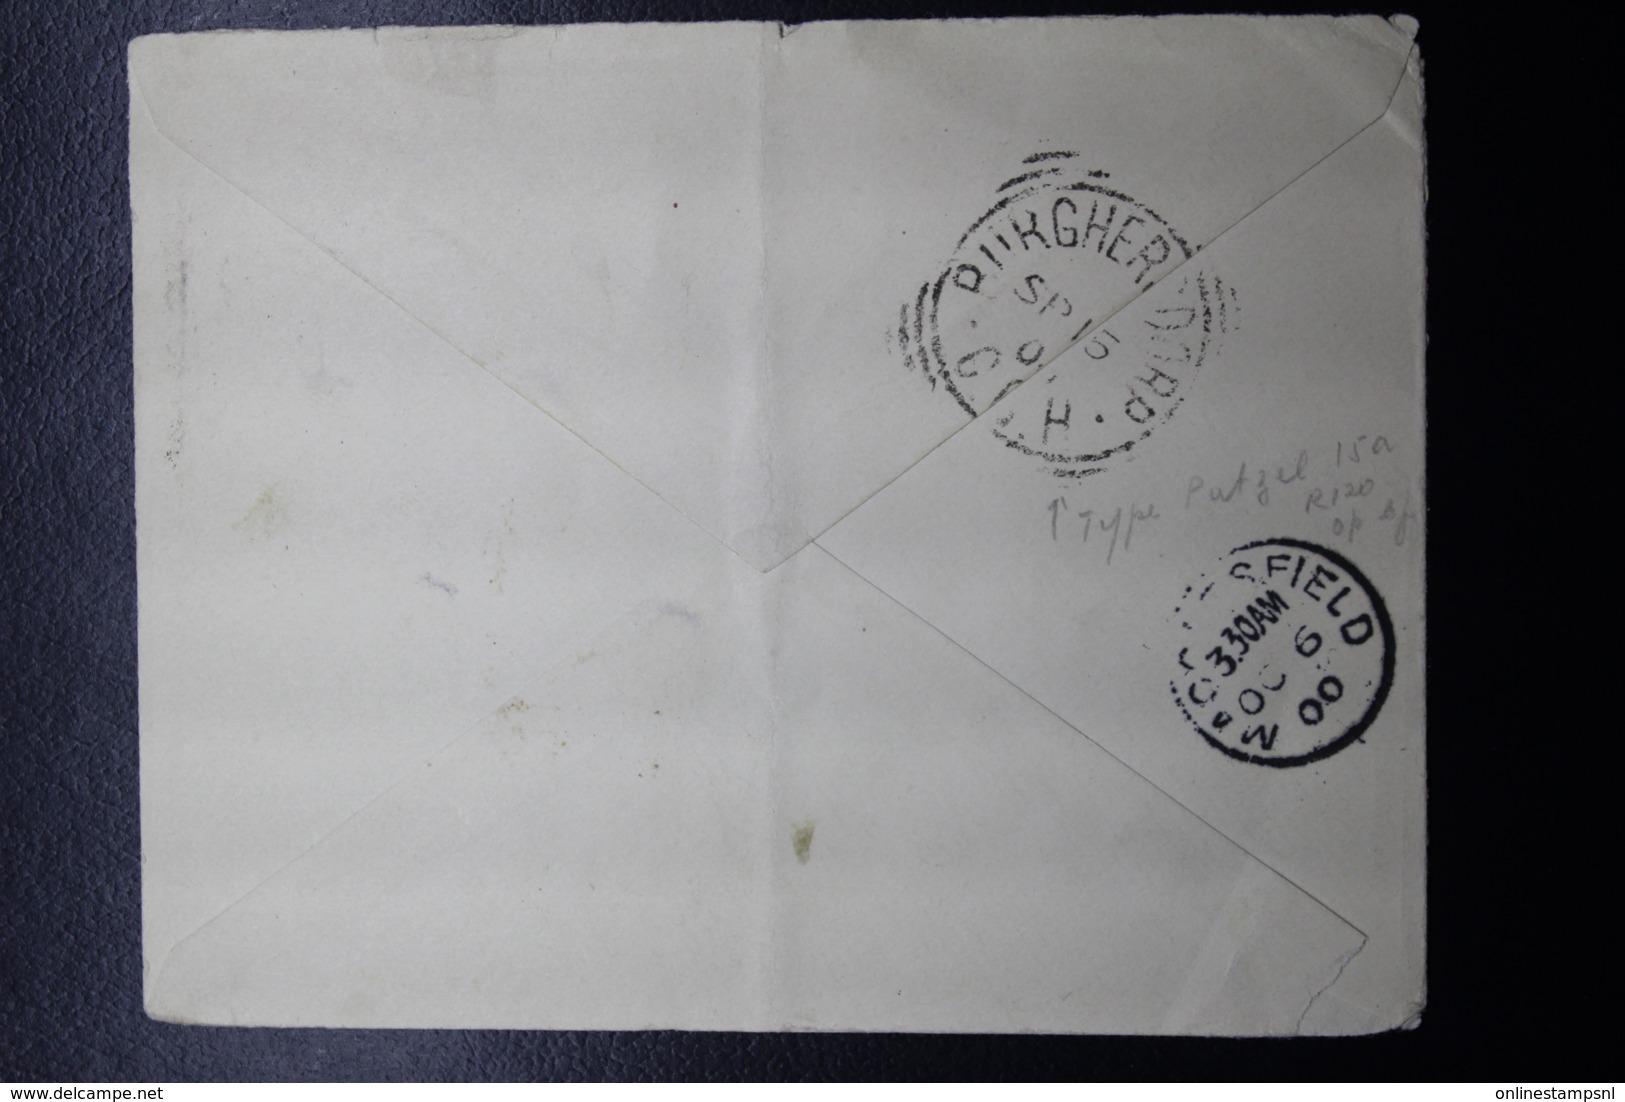 BOER WAR PERIOD  Cover BURGERSDORP -> MACCLESFIELD UK, 15-9-1901 - Sud Africa (...-1961)